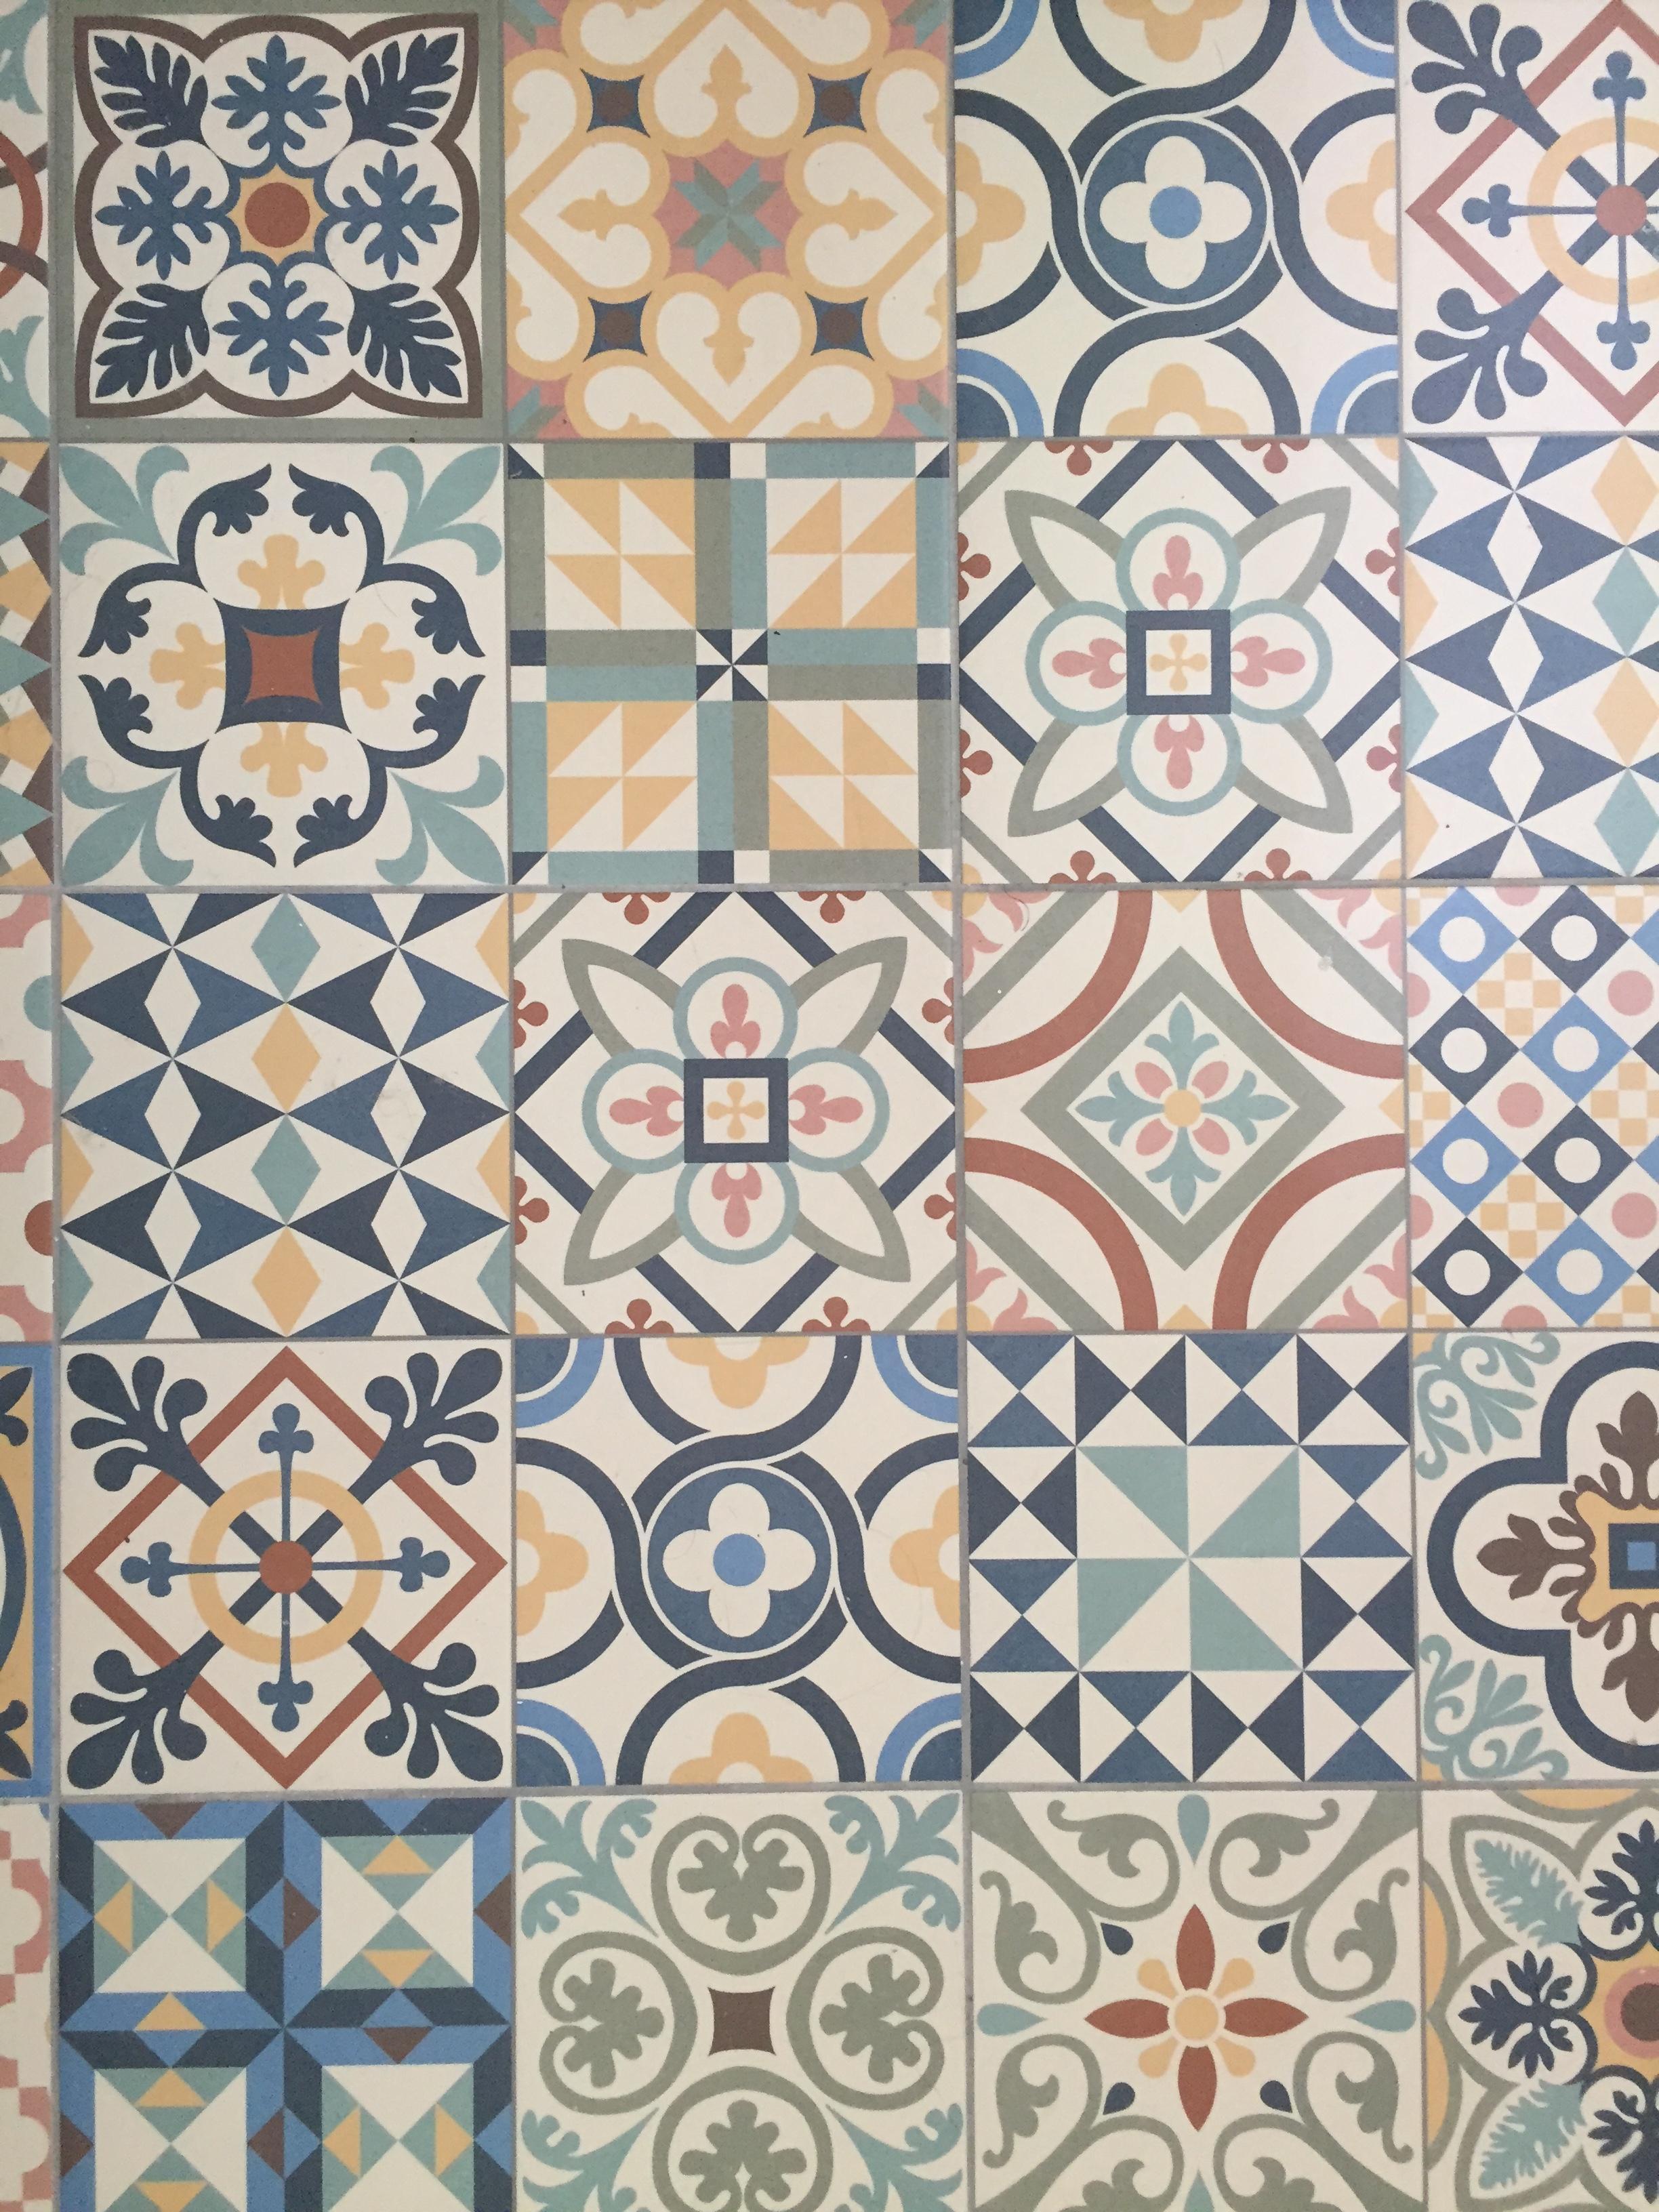 Gut In Lissabon Findet Man Eine Unglaublich Schöne Auswahl An Fliesen. Was  Meint Ihr Zu Dieser